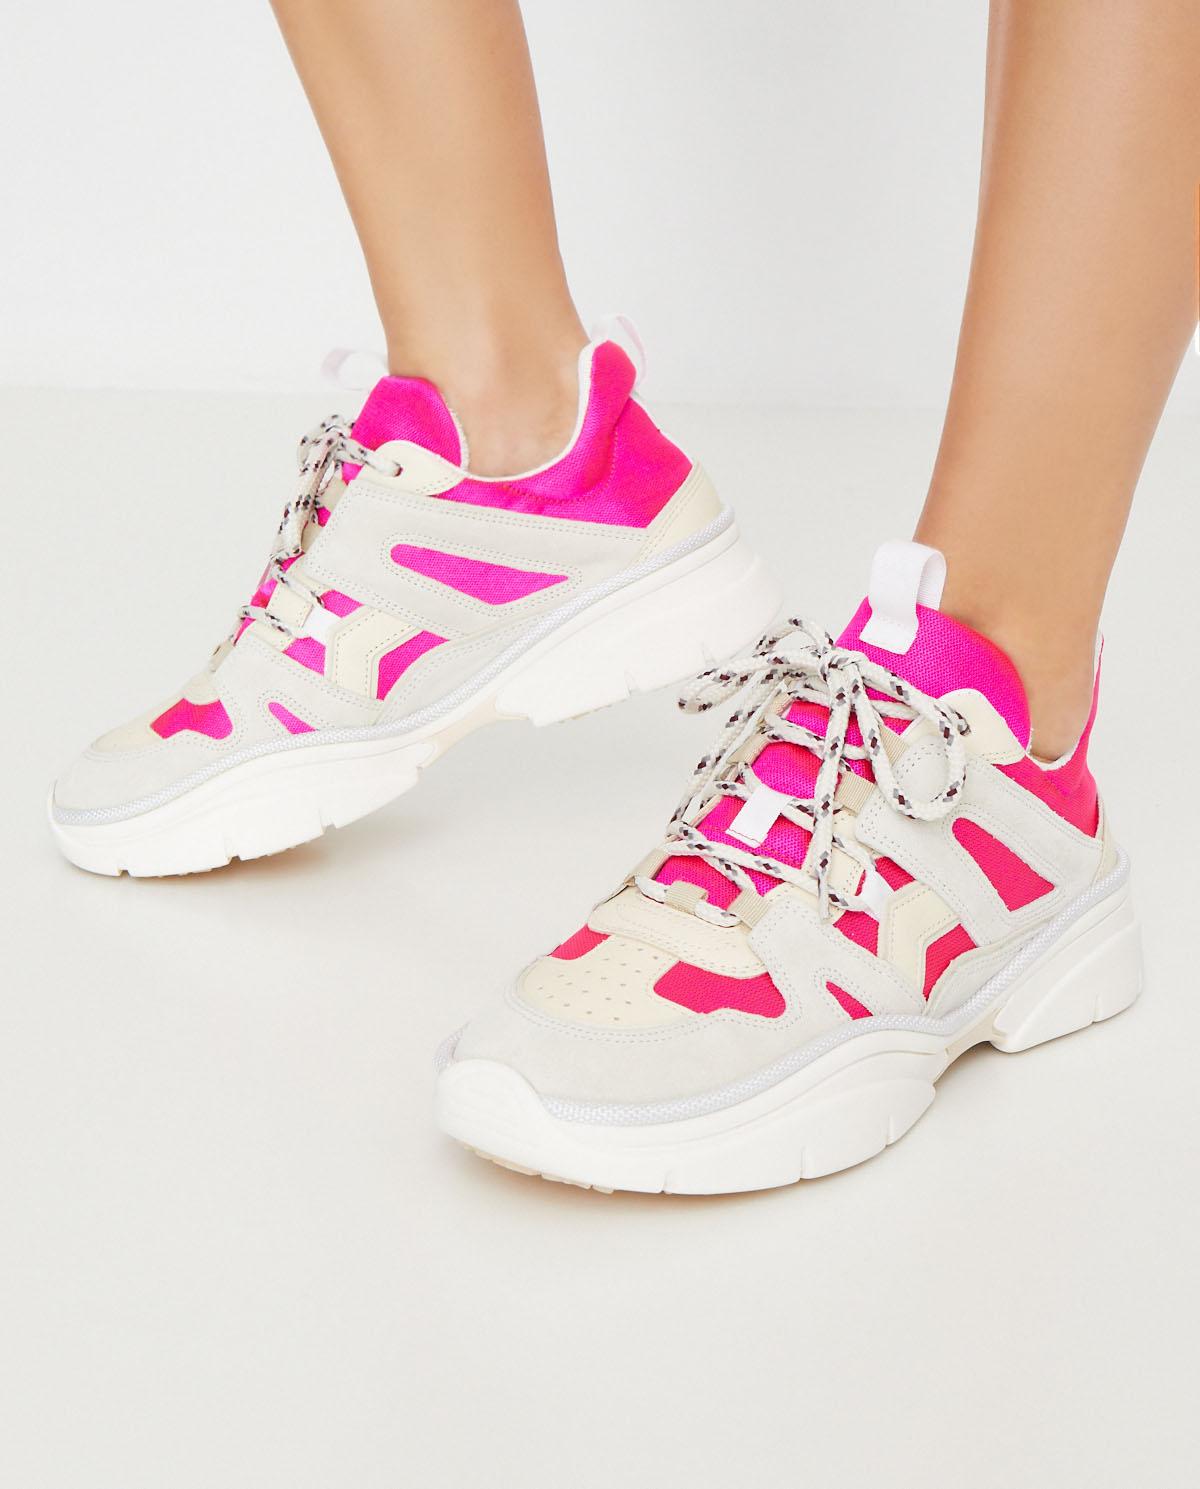 Rozowe Sneakersy Kindsay Isabel Marant Cena I Opinie Sklep Internetowy Moliera2 Com